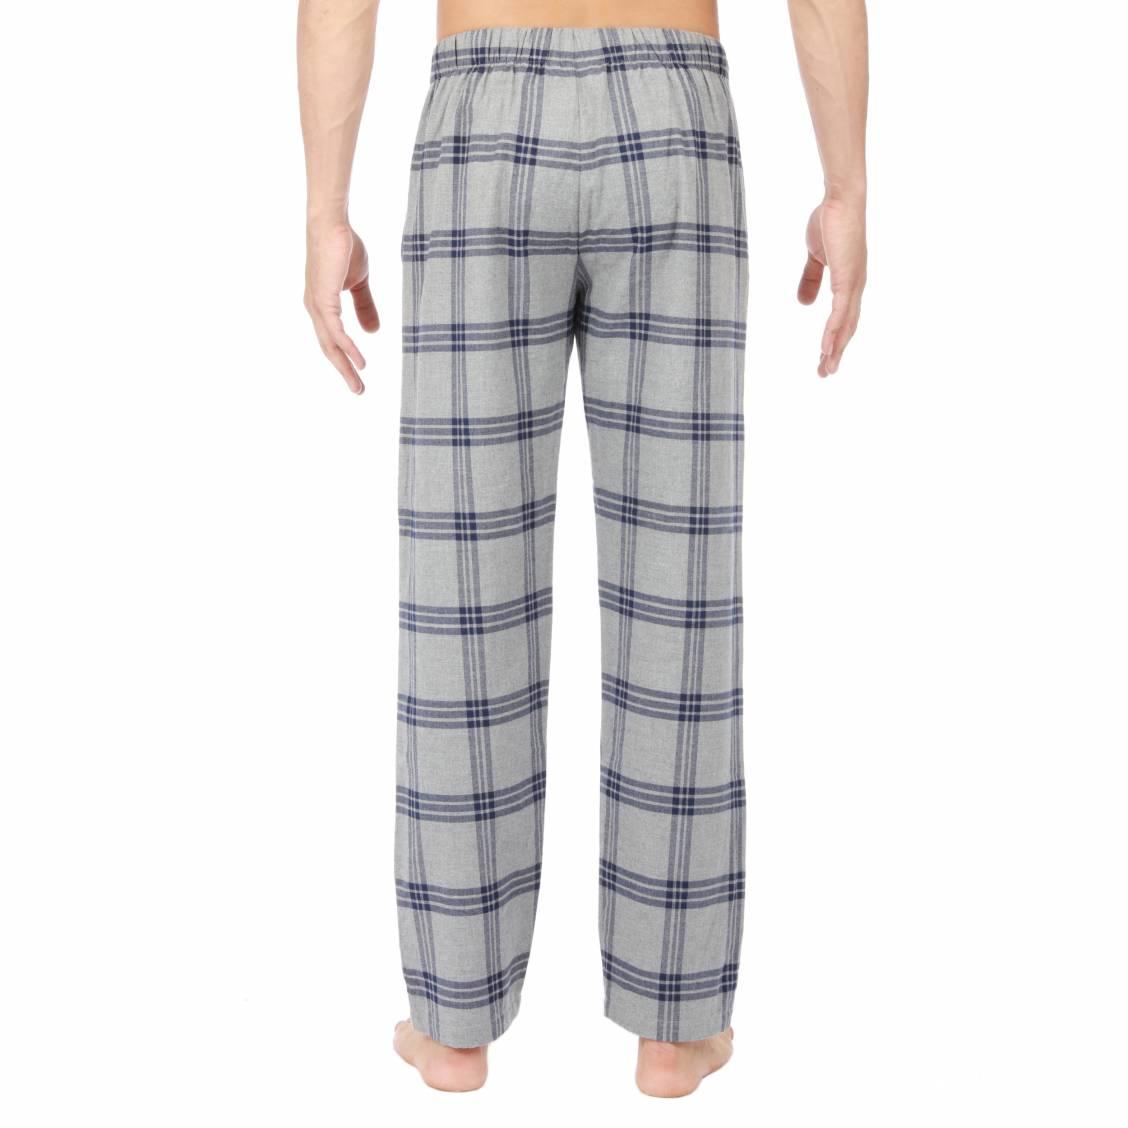 8984f8be70 ... Pantalon de pyjama HOM Columbus en flanelle gris chiné à carreaux bleu  marine